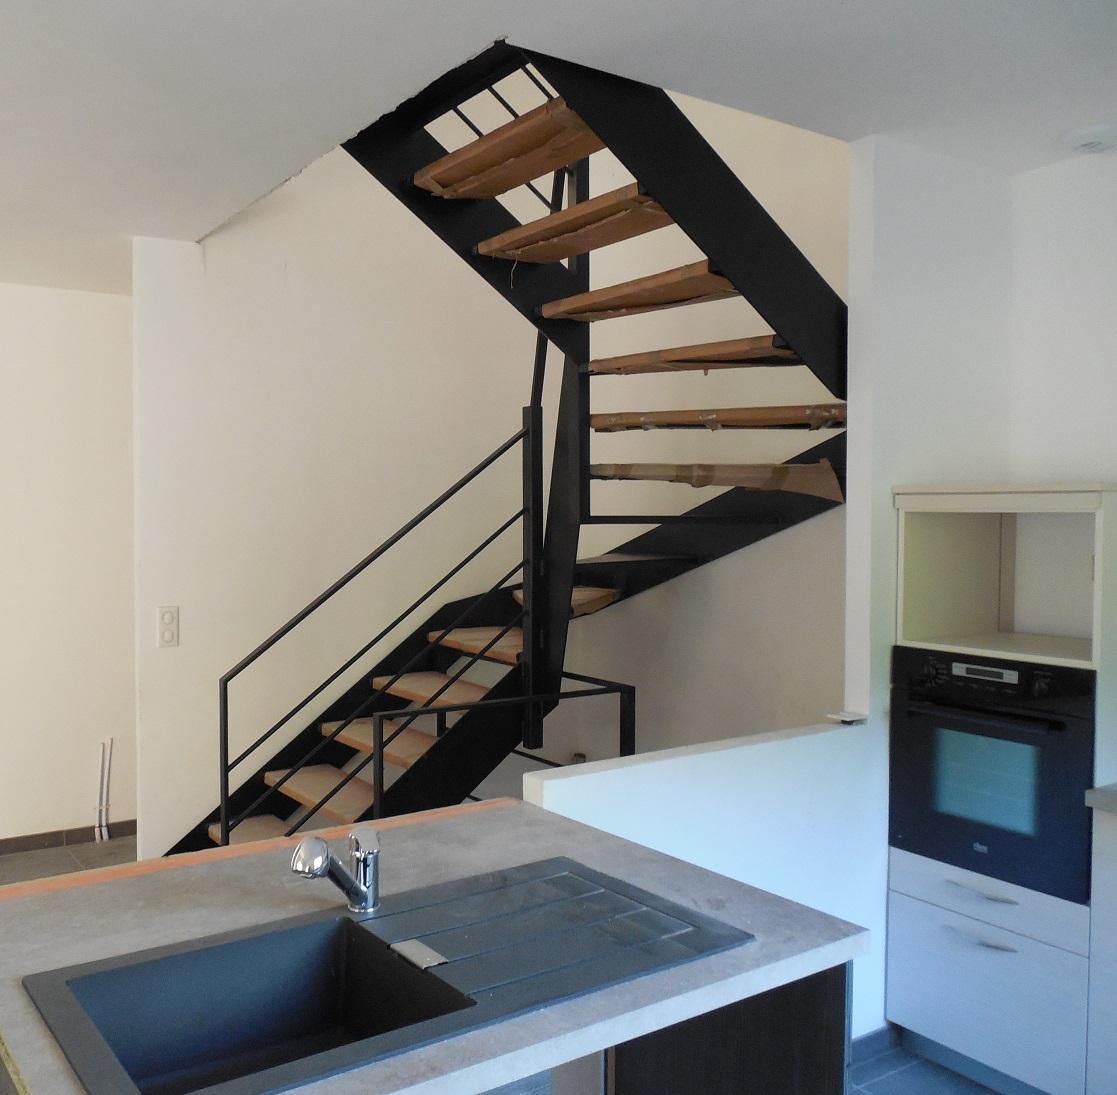 escalier tout acier tout soudé noir mat vue de la cuisine